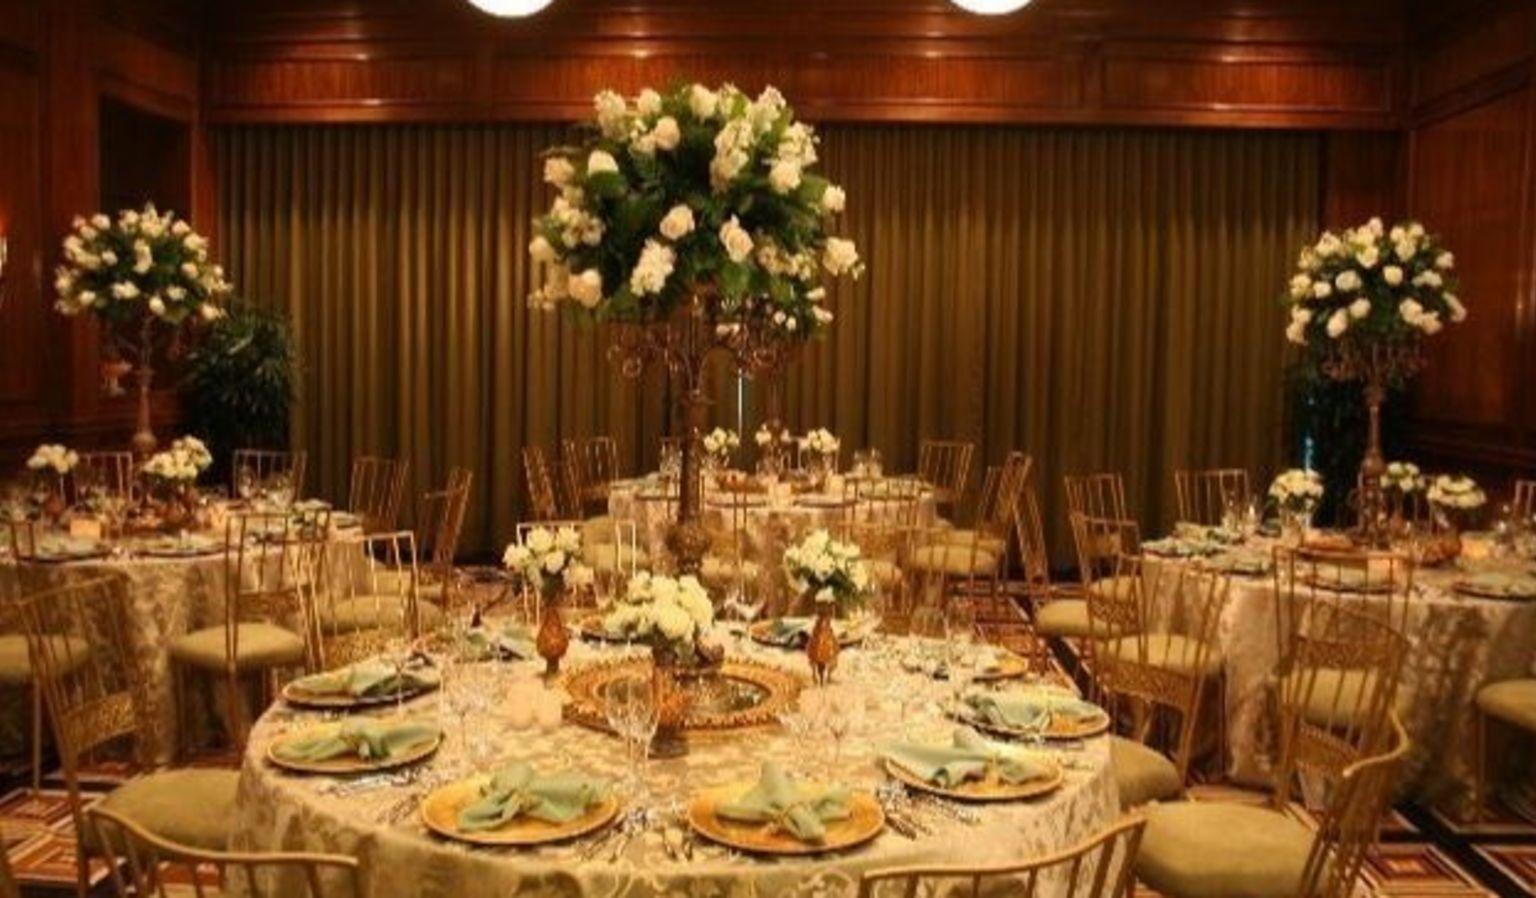 Table and Chairs Ballroom Setup